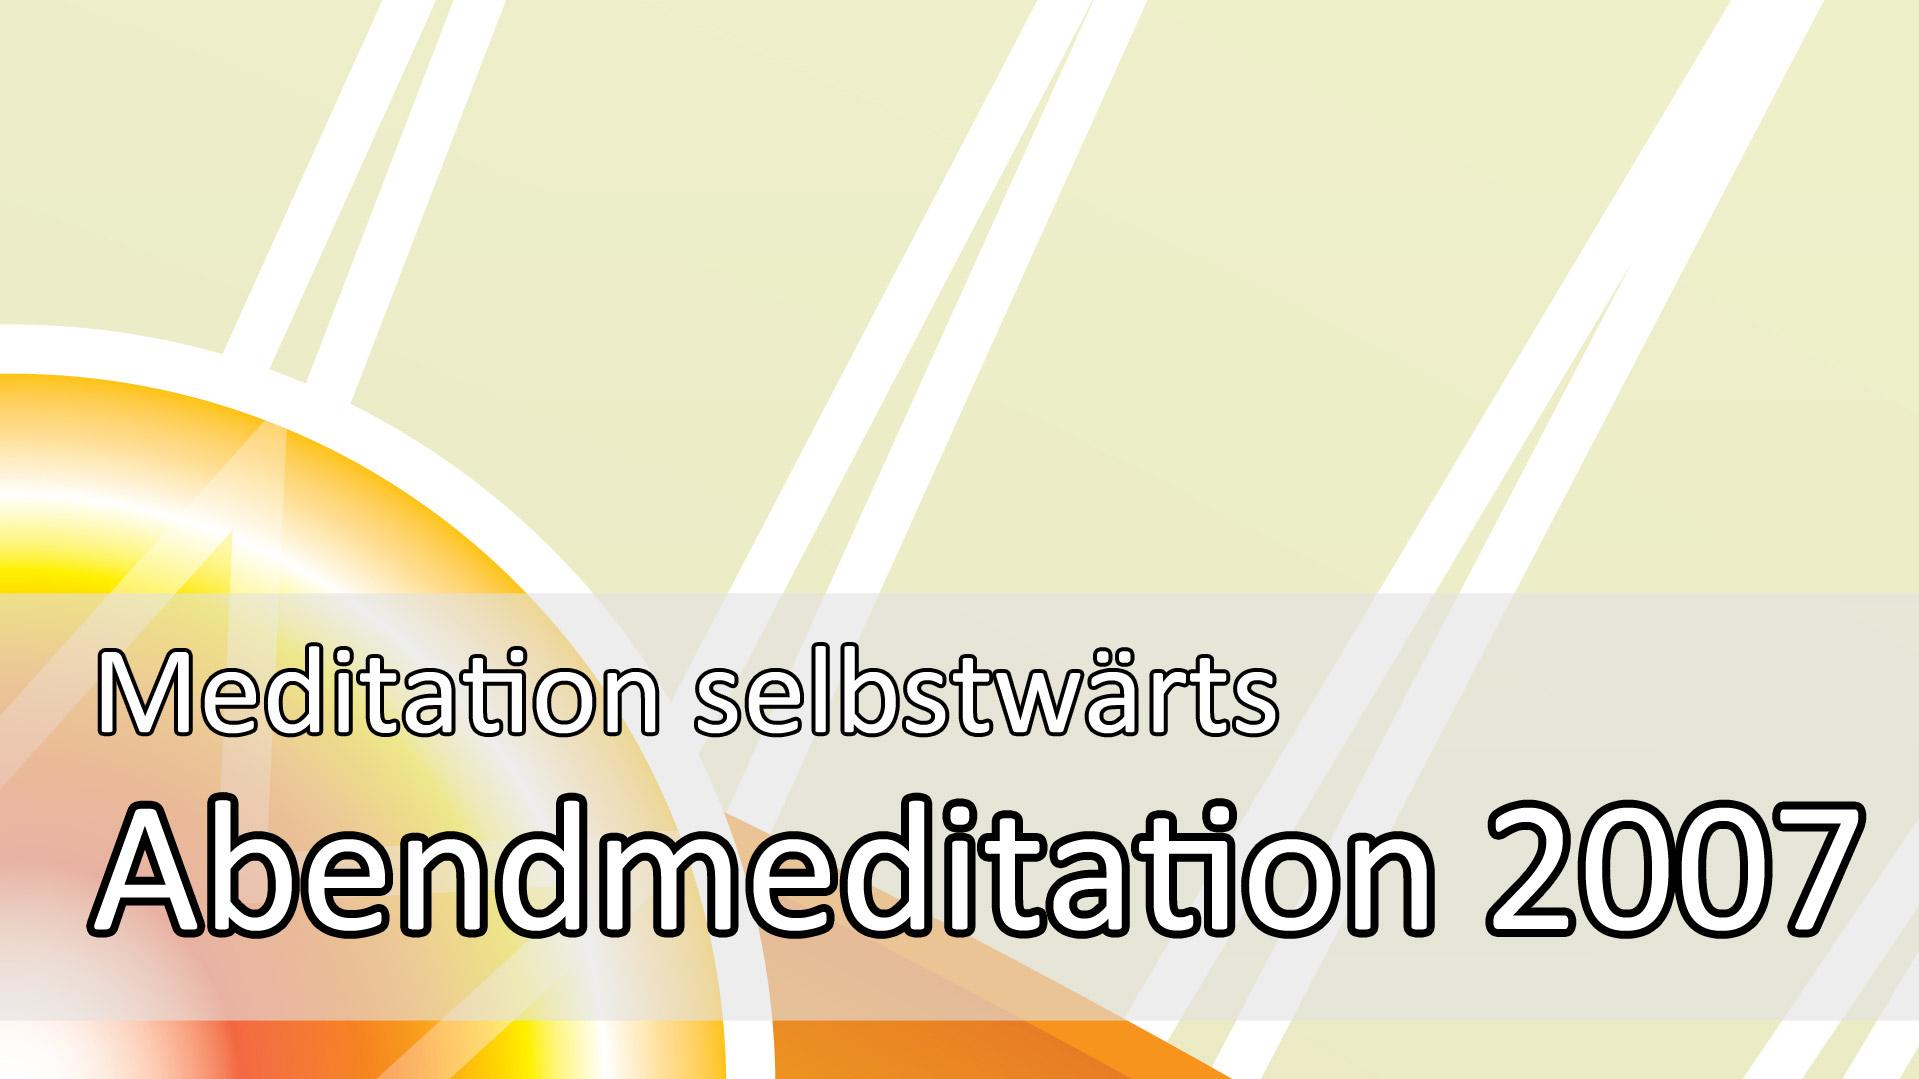 meditation zum einschlafen die abendmeditation selbstw rts. Black Bedroom Furniture Sets. Home Design Ideas